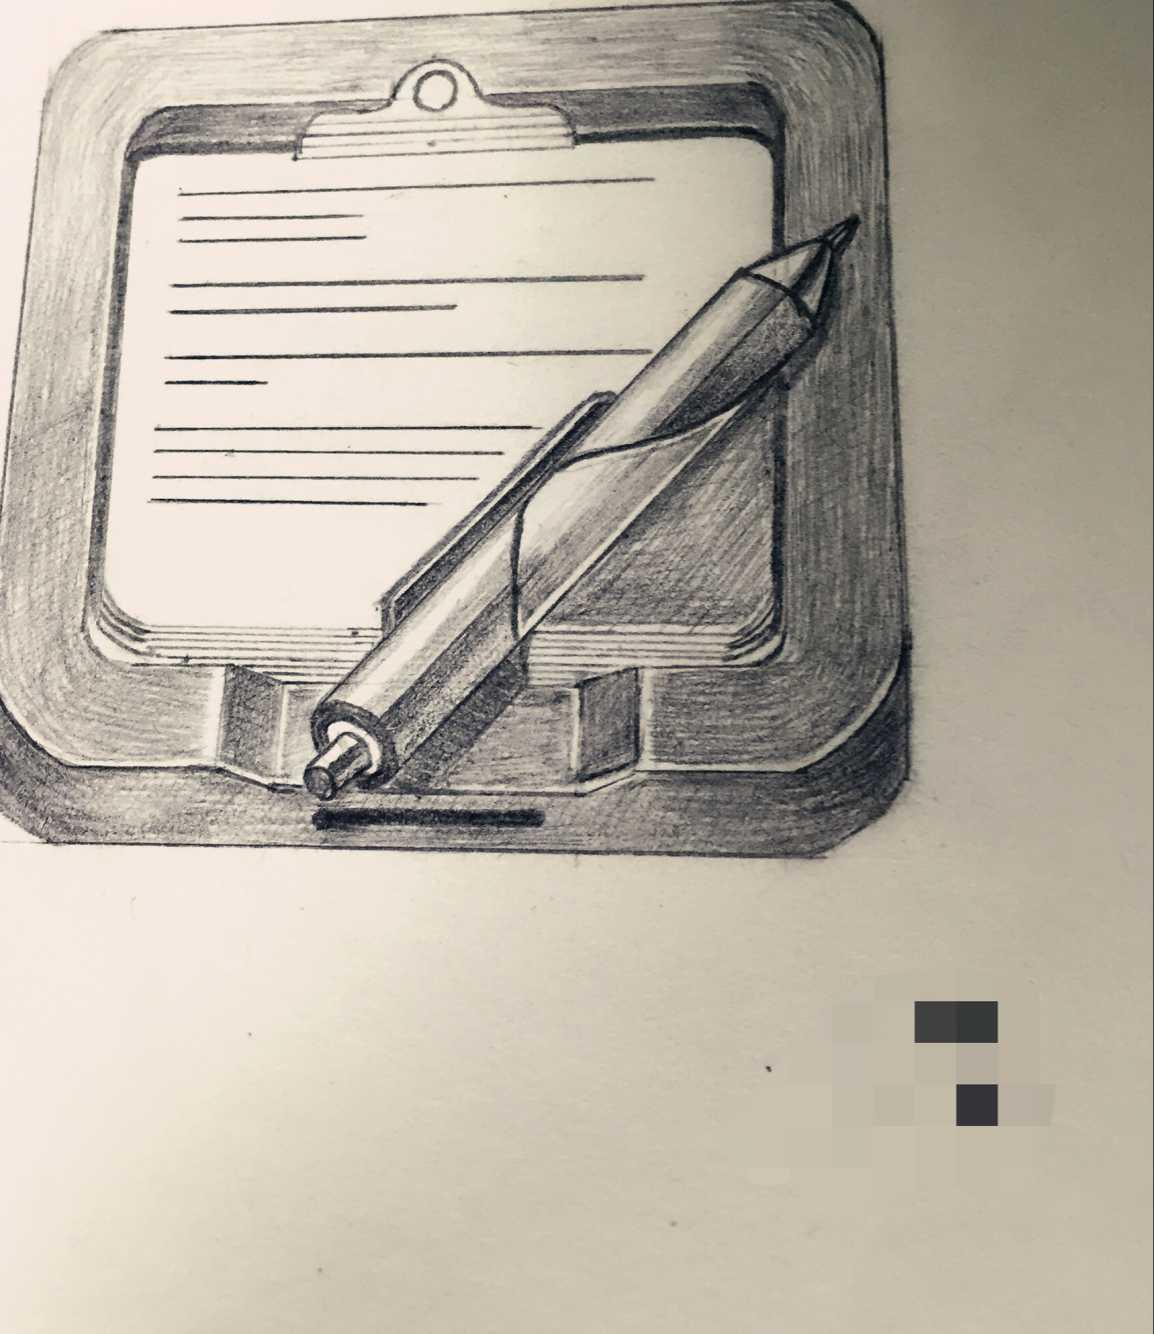 手绘记事本